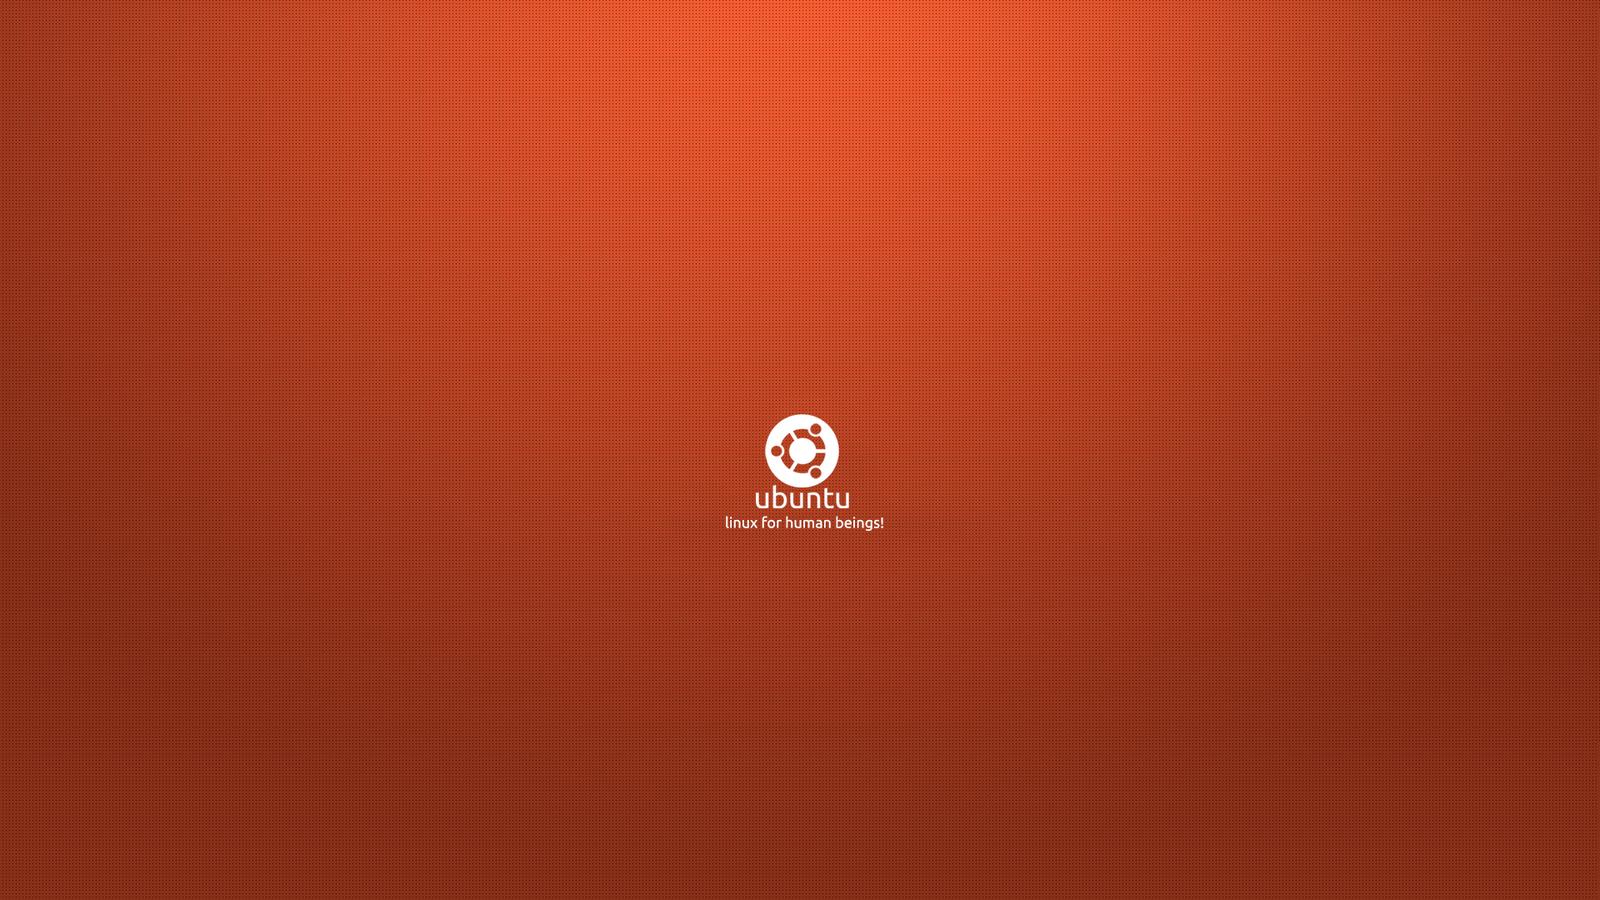 Wallpaper Stock Wallpaper Ubuntu 1204 1600x900